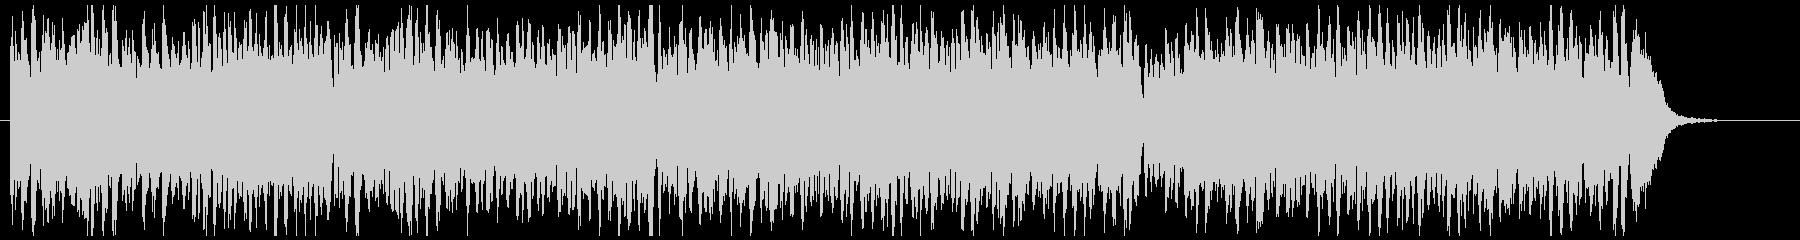 BWV1067/7『バディネリ』バッハの未再生の波形